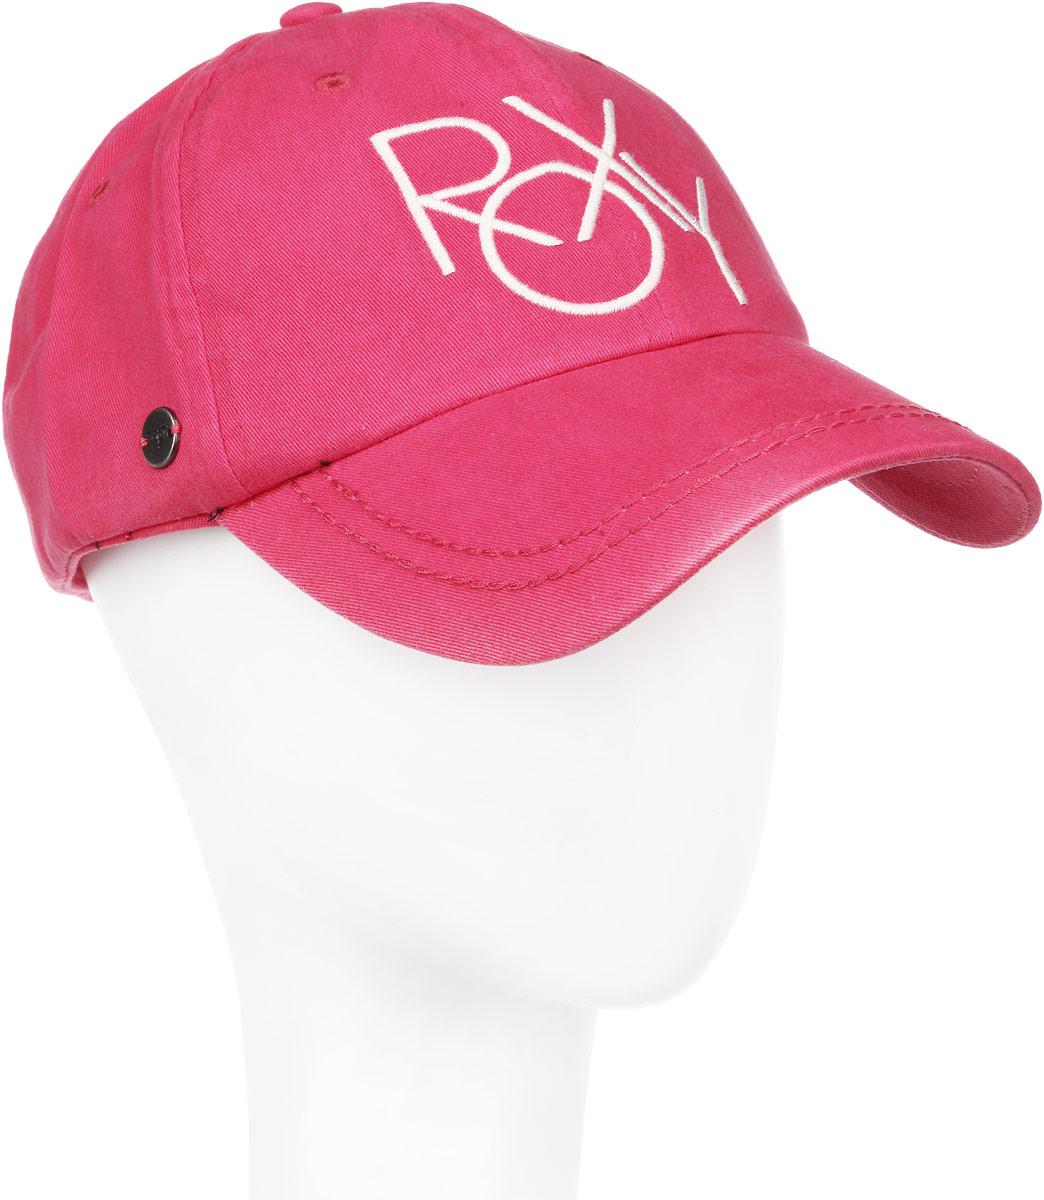 Бейсболка женская Extra. ERJHA03033ERJHA03033-MMN0Стильная женская бейсболка Roxy Extra будет дополнять ваш образ в ваших повседневных делах. Также будет отличным подарком и сувениром для ваших близких и знакомых. Бейсболка выполнена из натурального хлопка, имеет конструкцию из шести панелей. Бейсболка оформлена вышитым логотипом бренда спереди. Закругленный козырек бейсболки украшен двумя строчками в тон бейсболки. Объем бейсболки регулируется при помощи хлястика с липучкой для удобной плотной посадки. Такая бейсболка станет отличным аксессуаром и дополнит ваш повседневный образ.